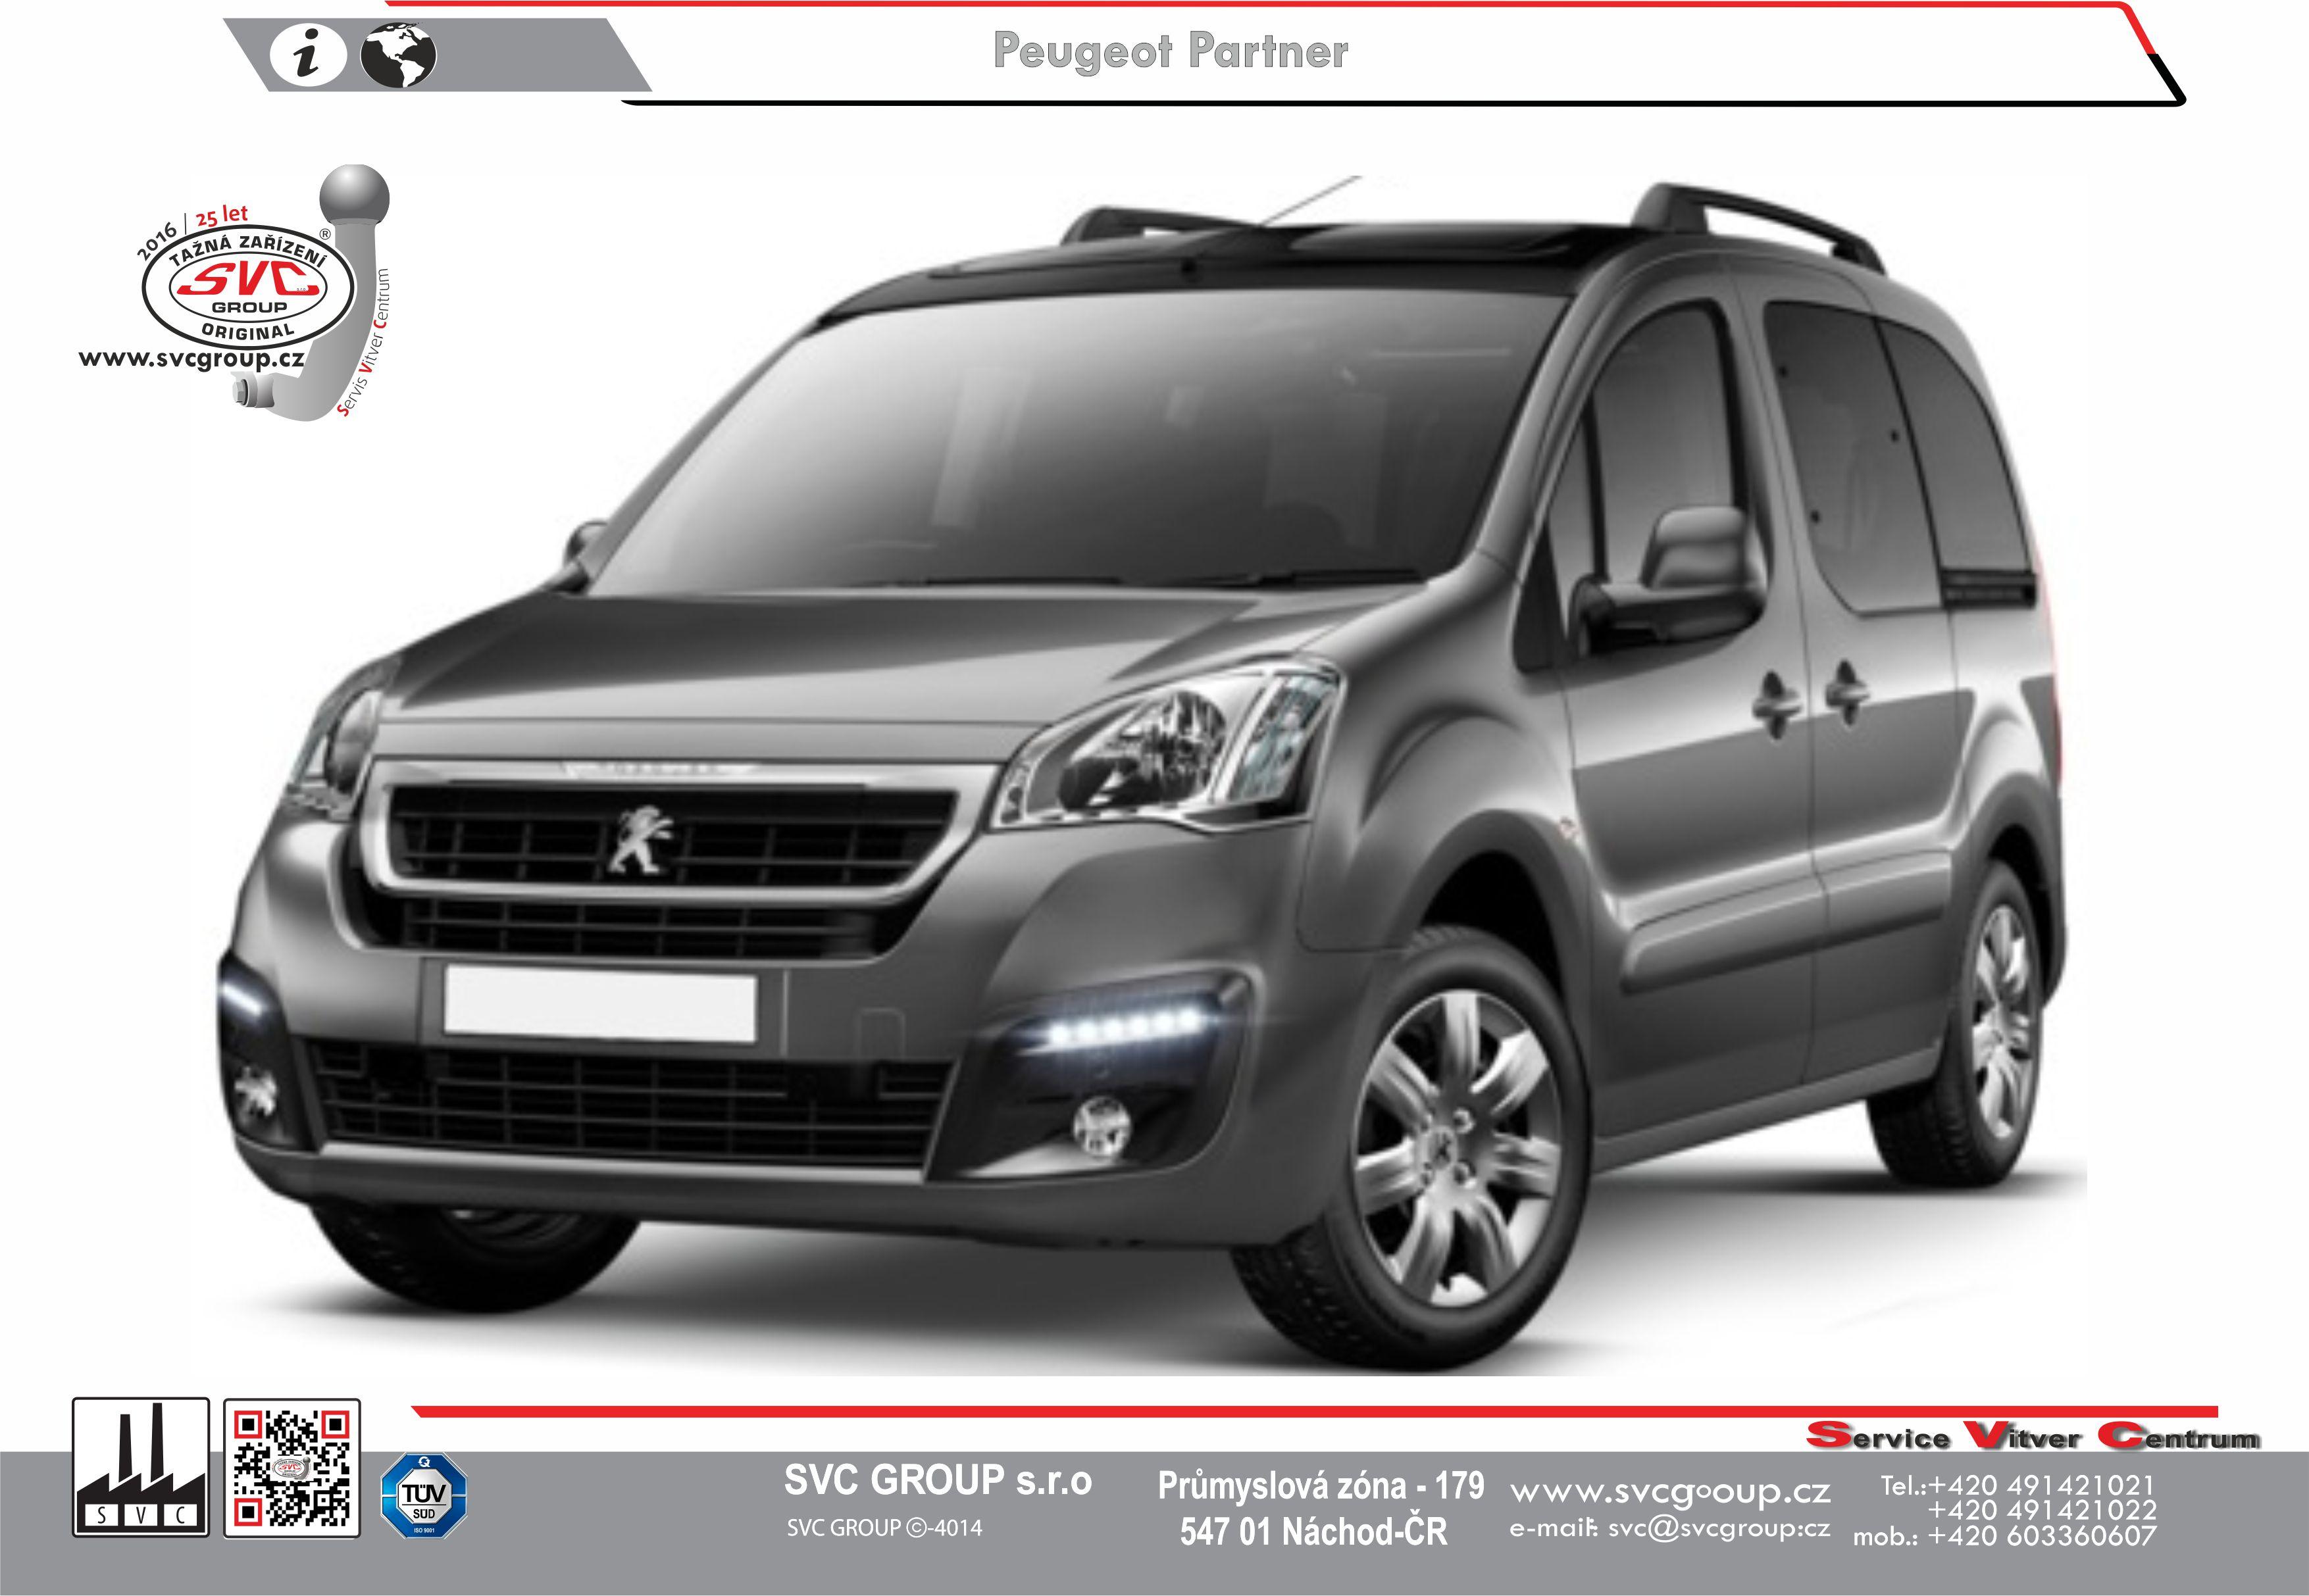 Peugeot Partner Prodloužené L2 / Long